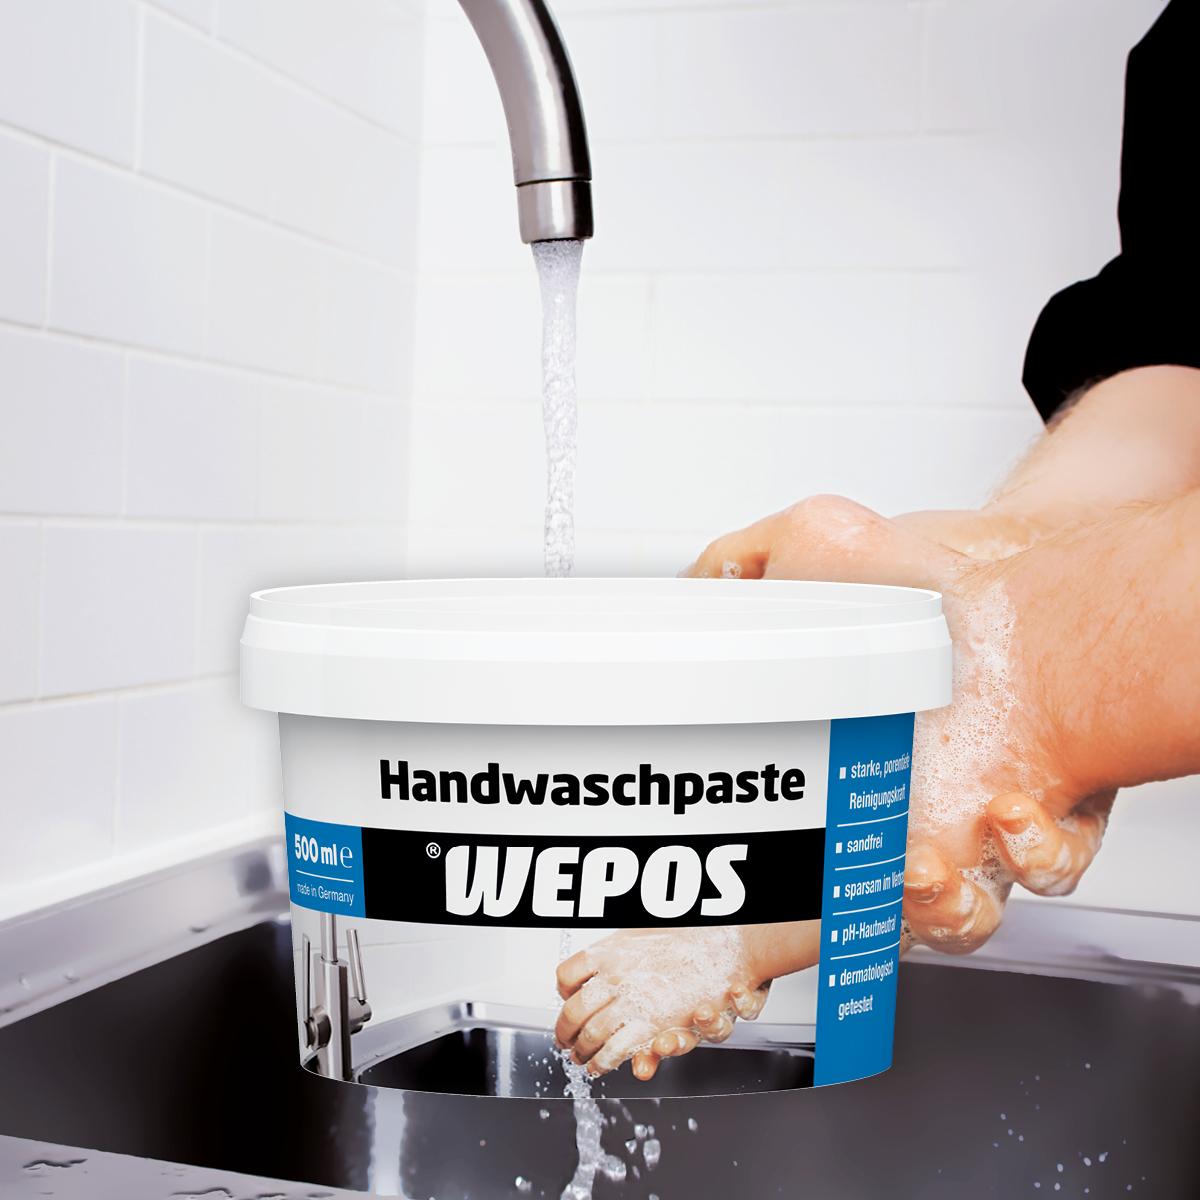 Handwaschpaste